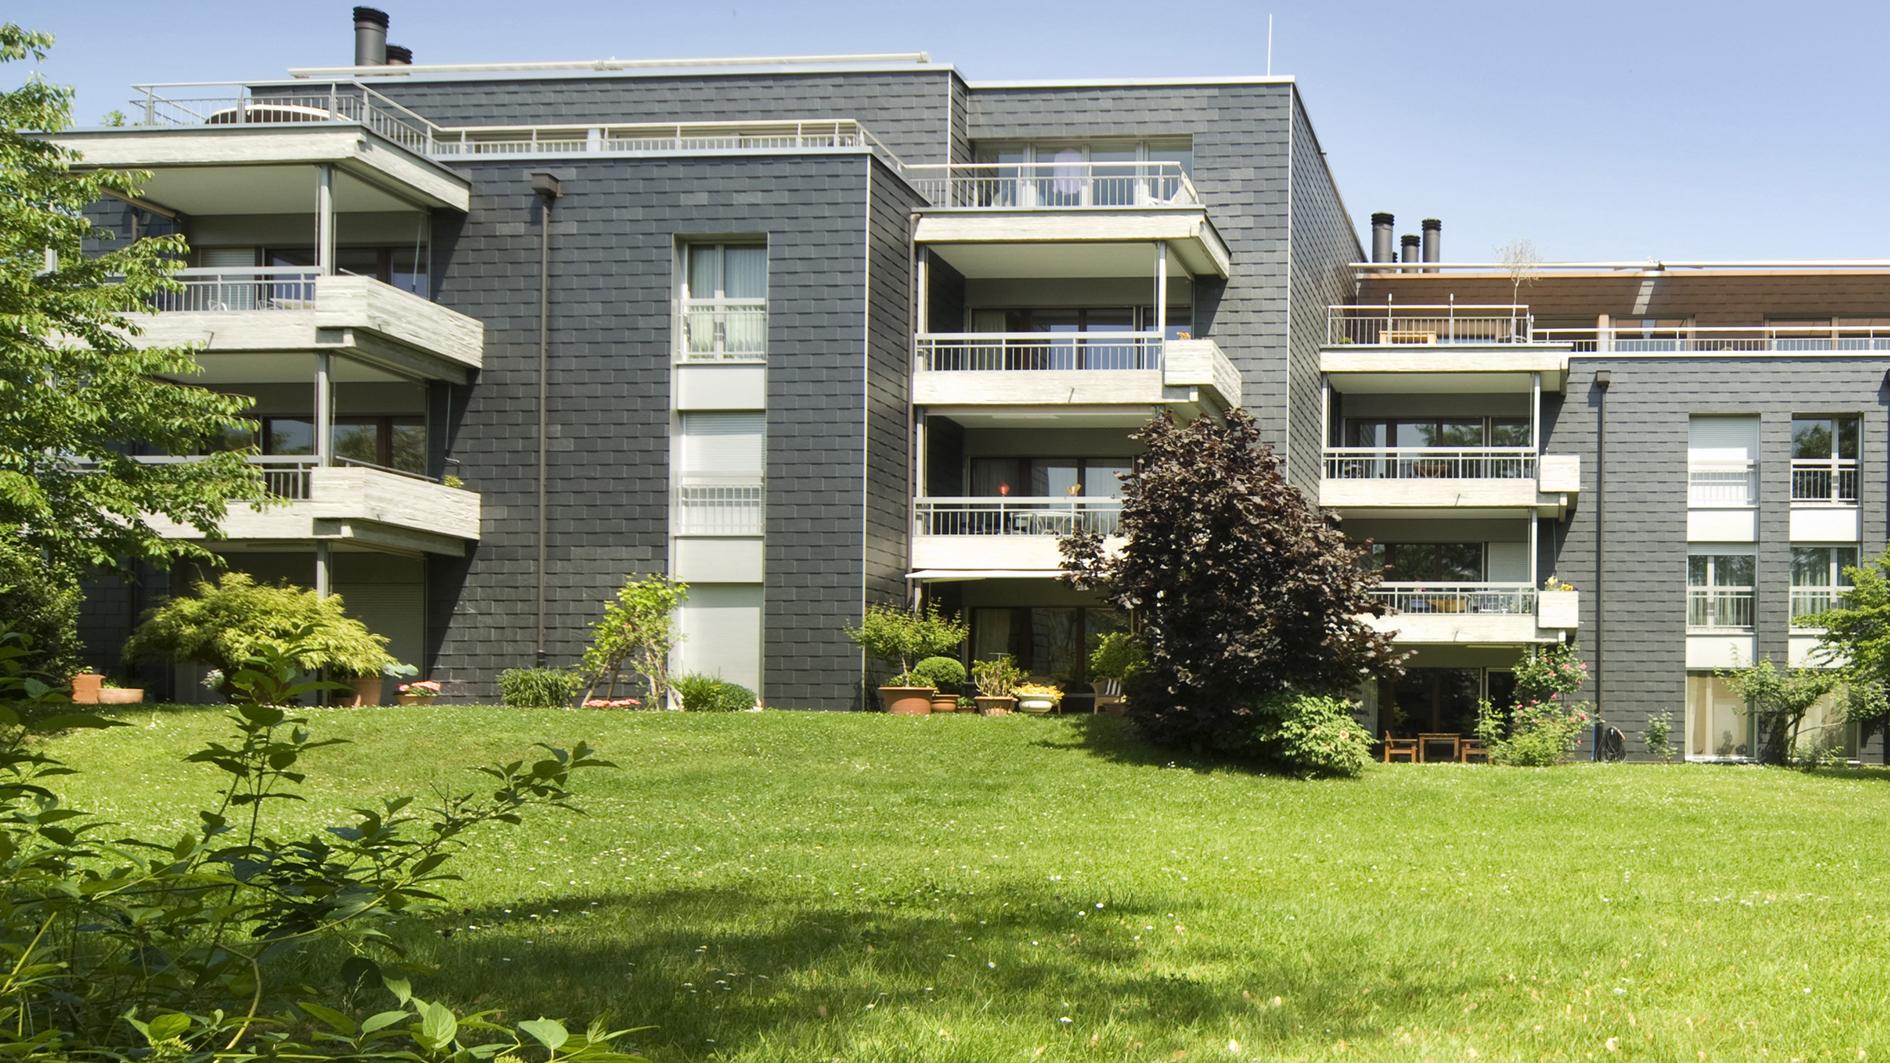 Sonnige lage cheminee balkon und terrasse mieten for Immobilien mieten